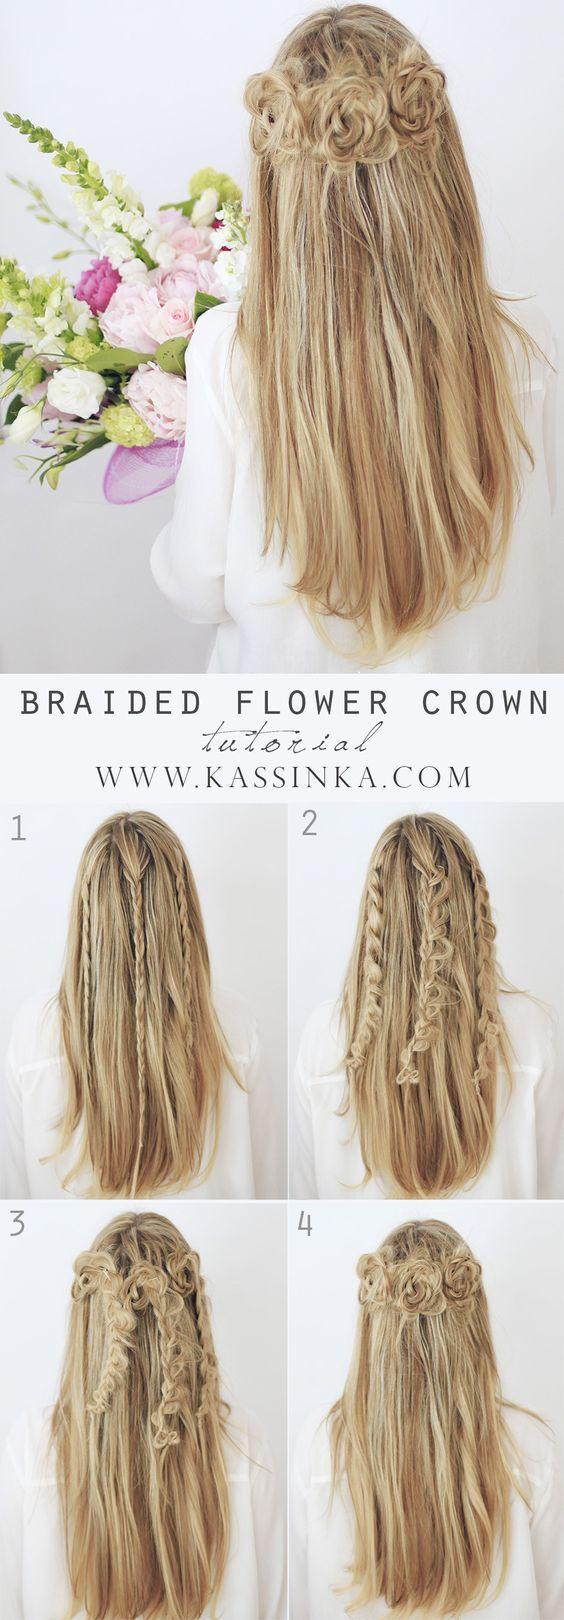 25 Best Ideas About Diy Braids On Pinterest Braided Hairstyles